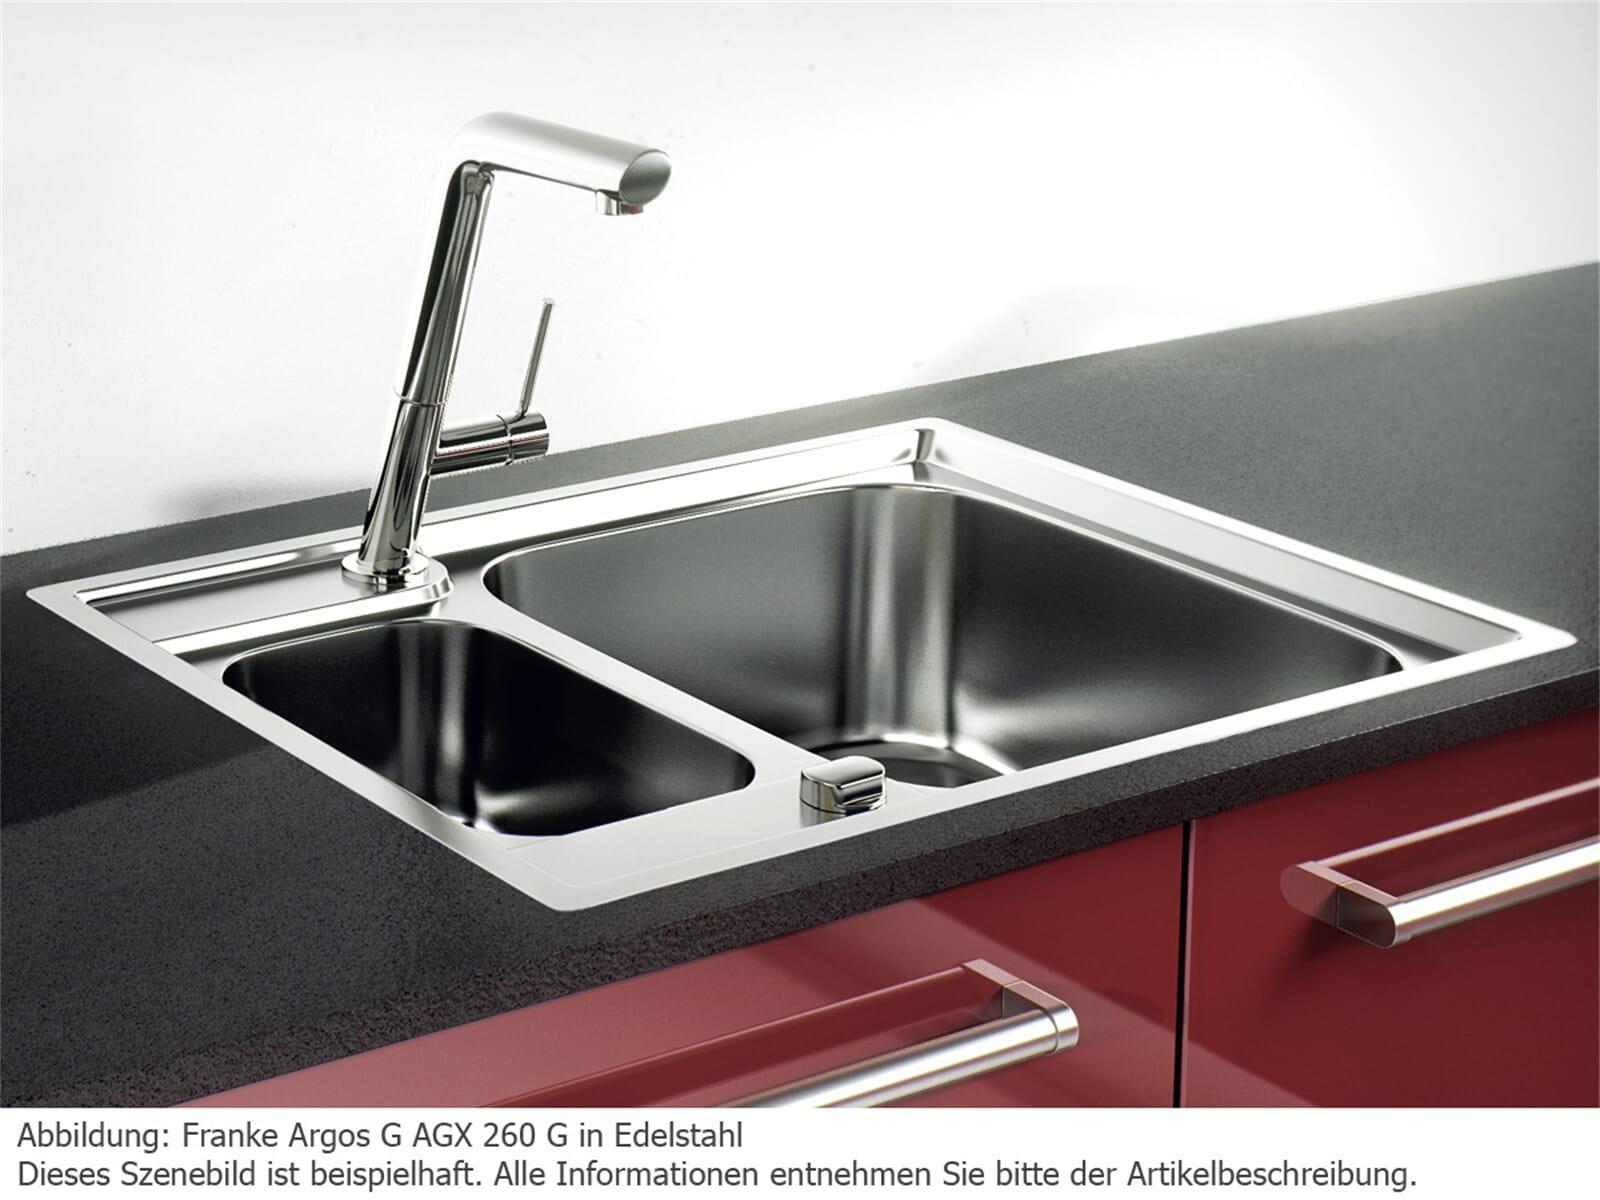 Franke Argos G AGX 260 G Edelstahlspüle glatt - 127.0380.393